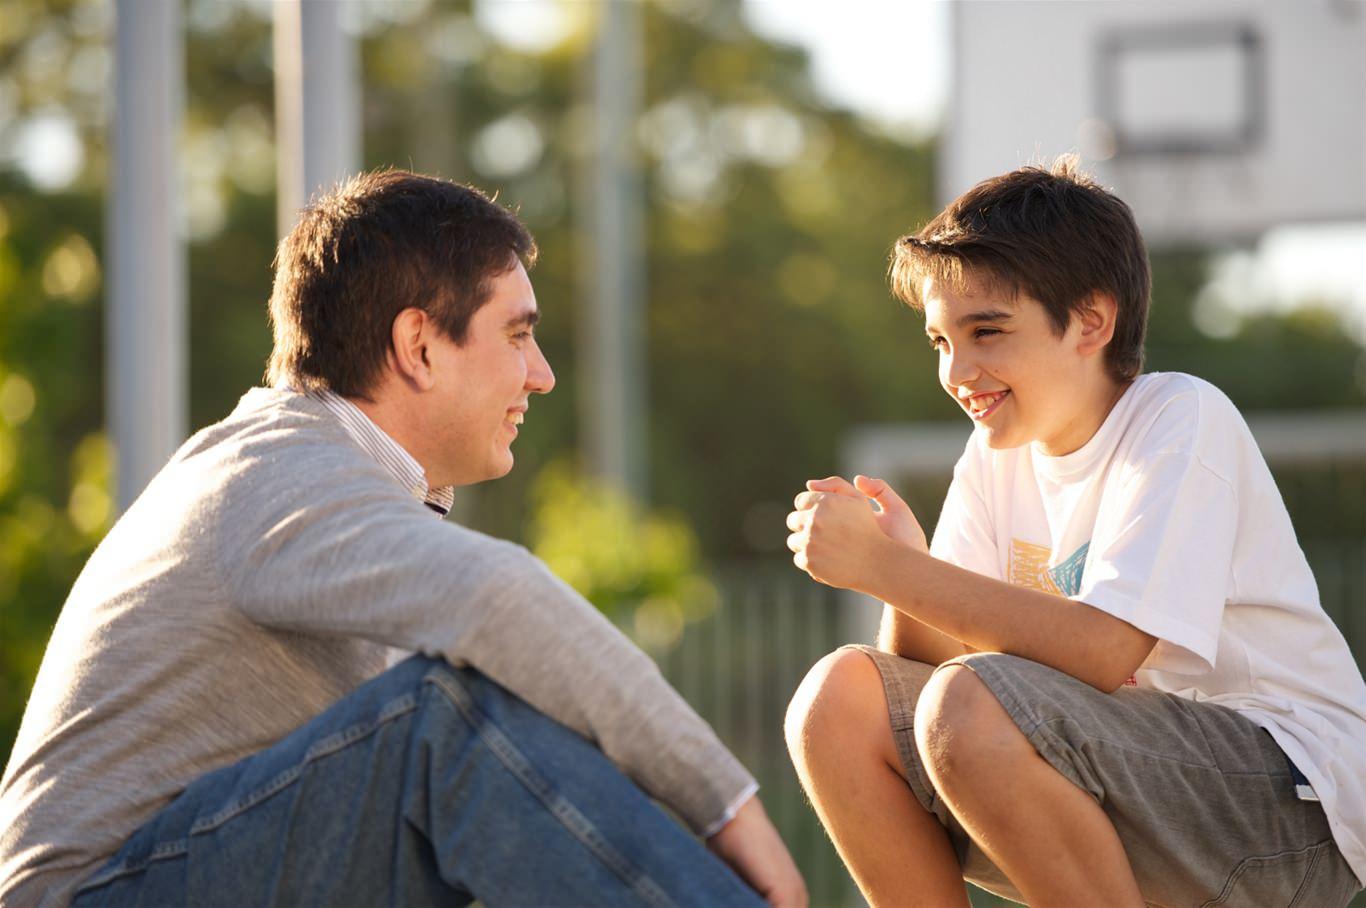 Suy nghĩ tích cực về tình yêu tuổi học trò